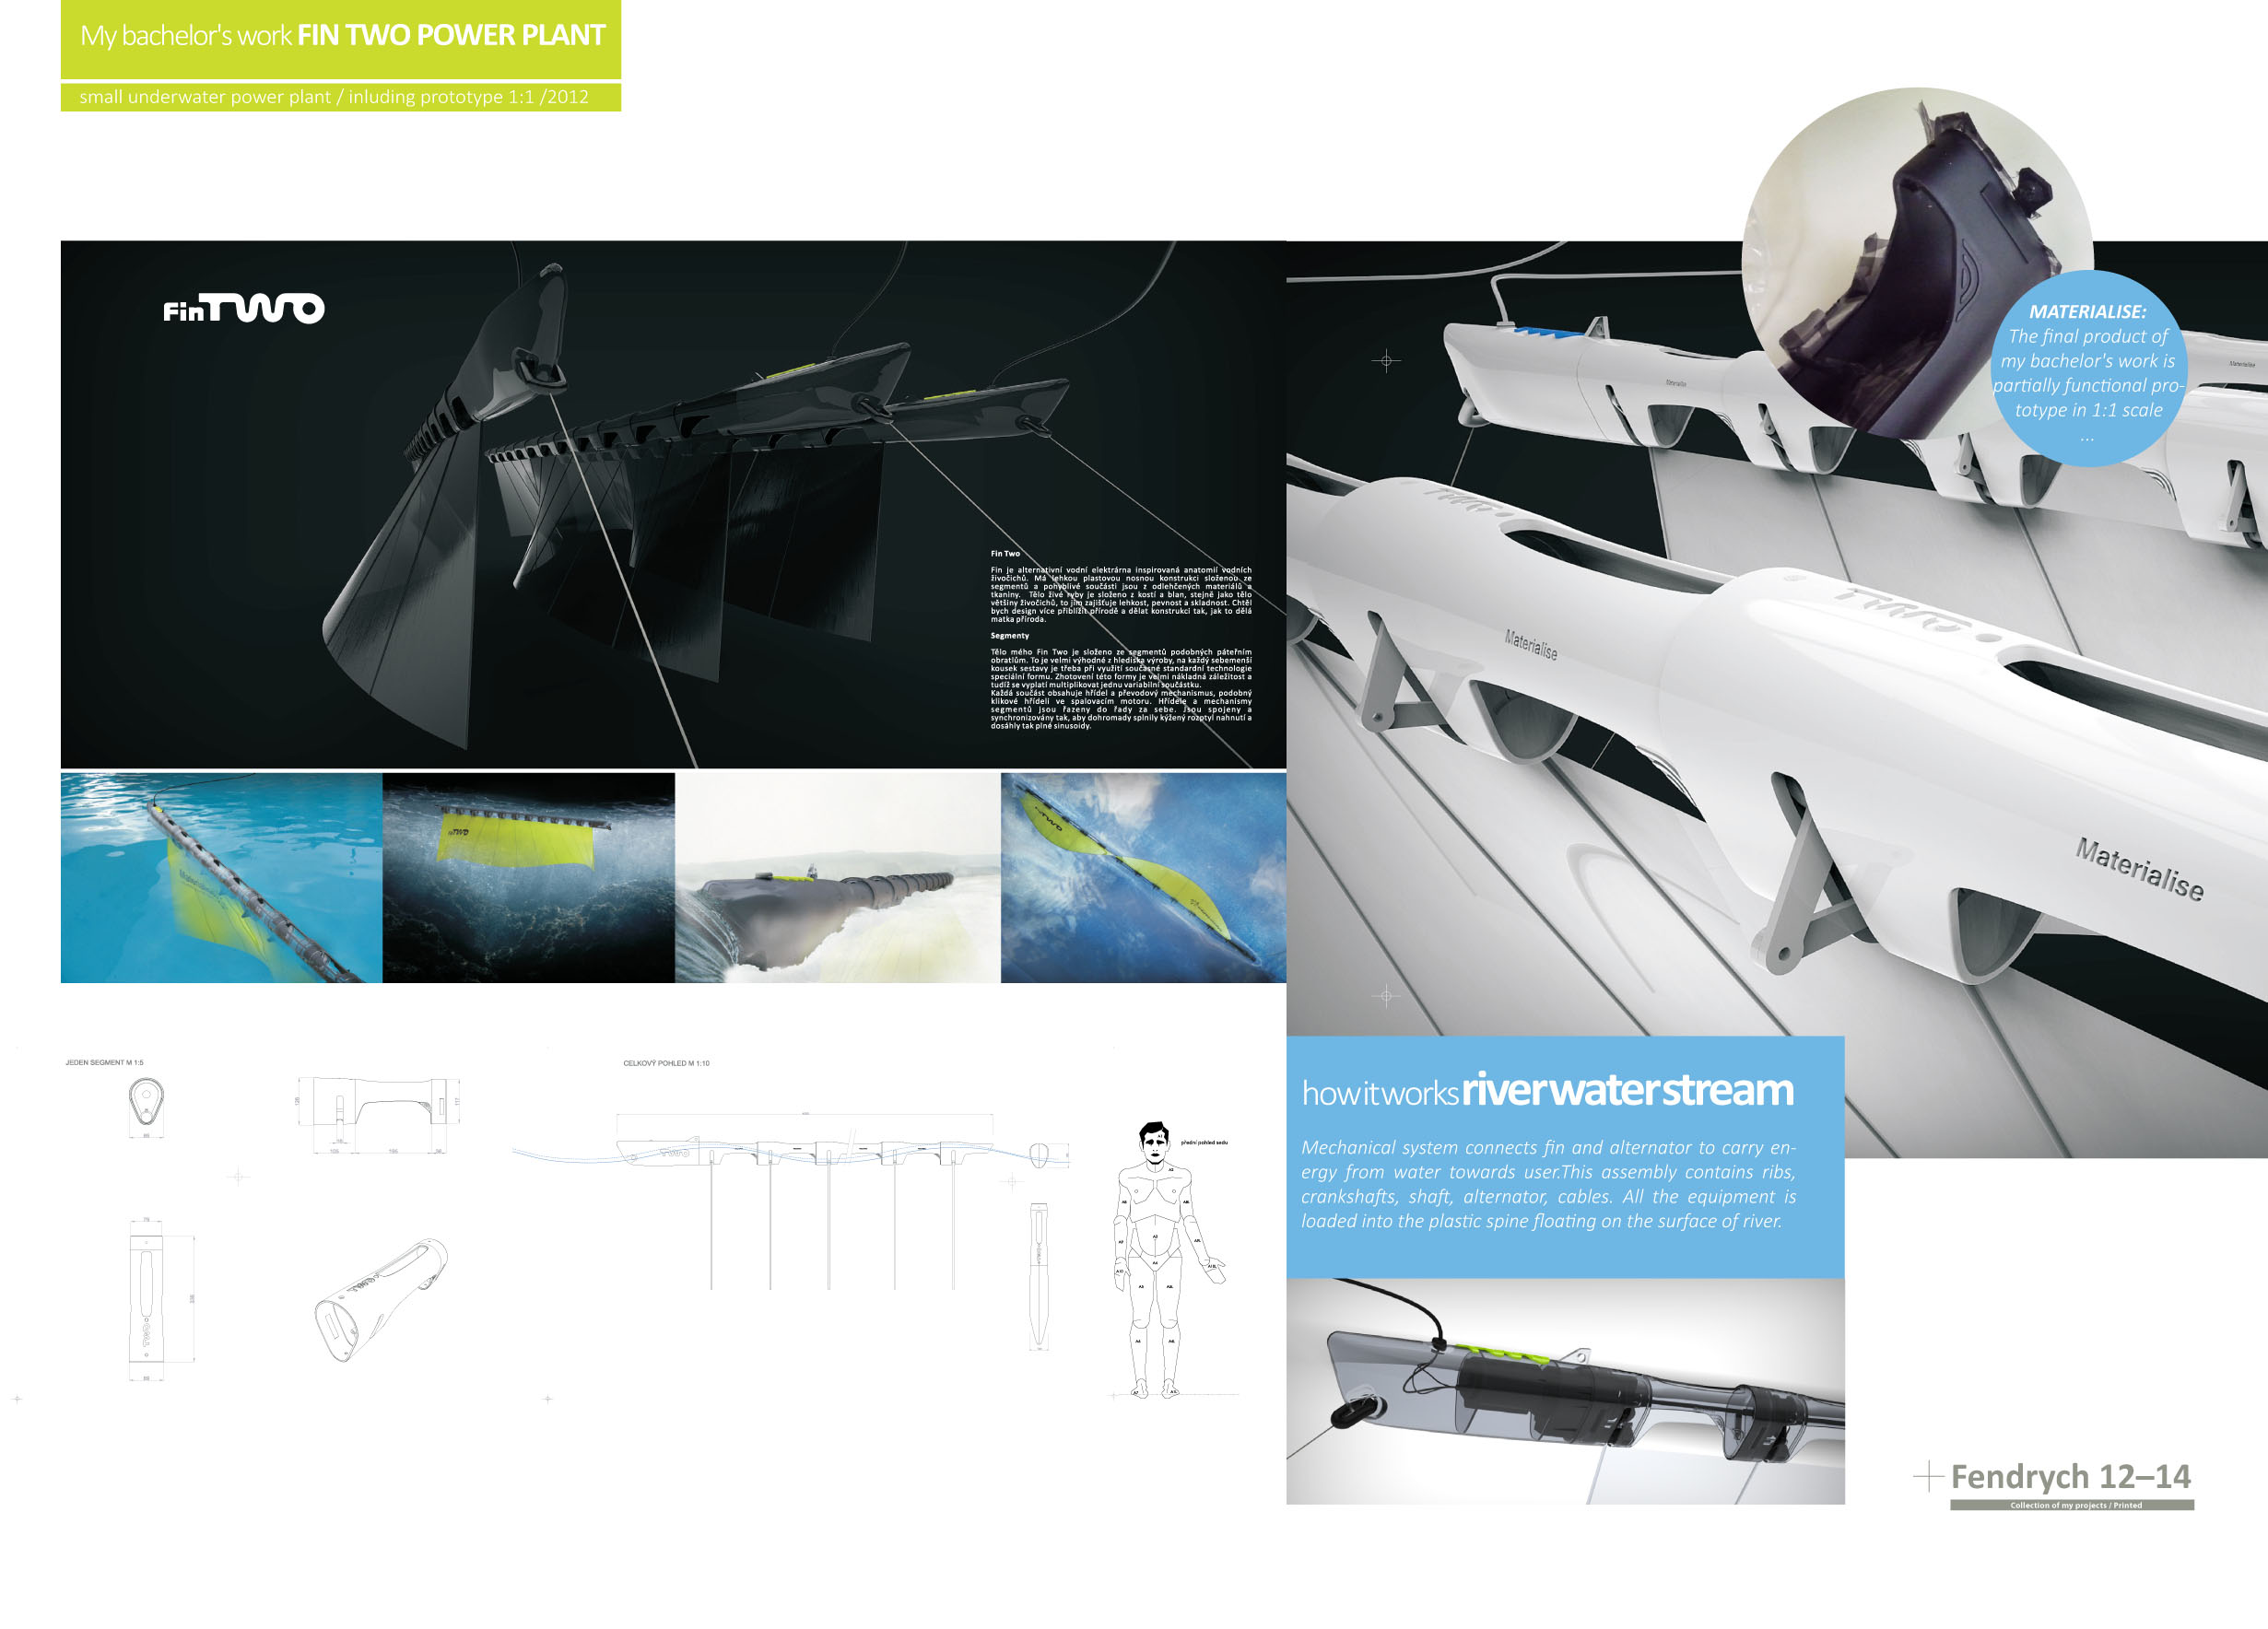 vít_fendrych_portfolio_12-14_print2-30_copy.jpg